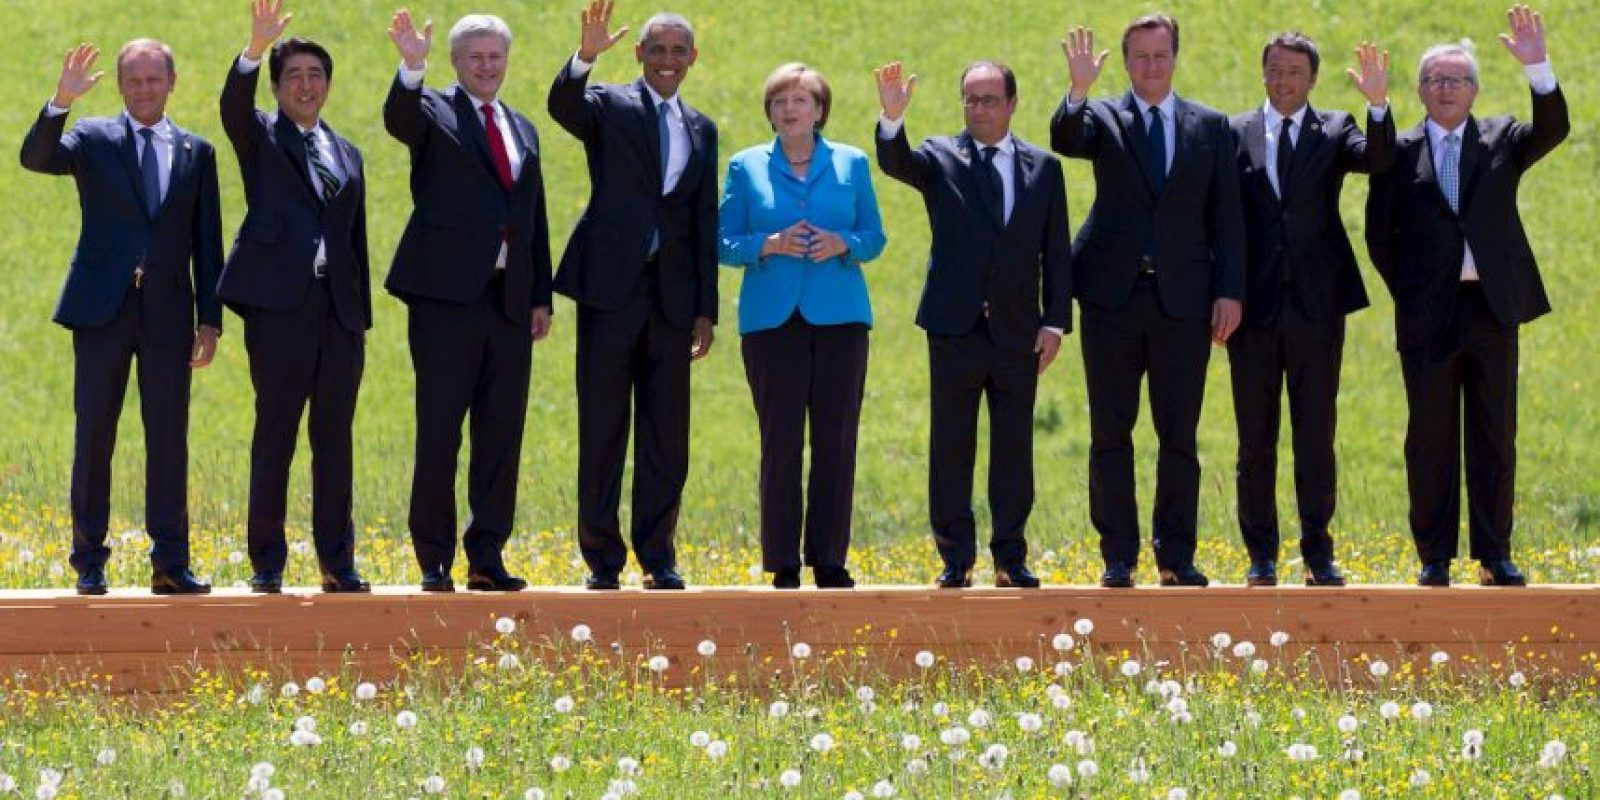 Inicia la cumbre del G7 Foto:Getty Images